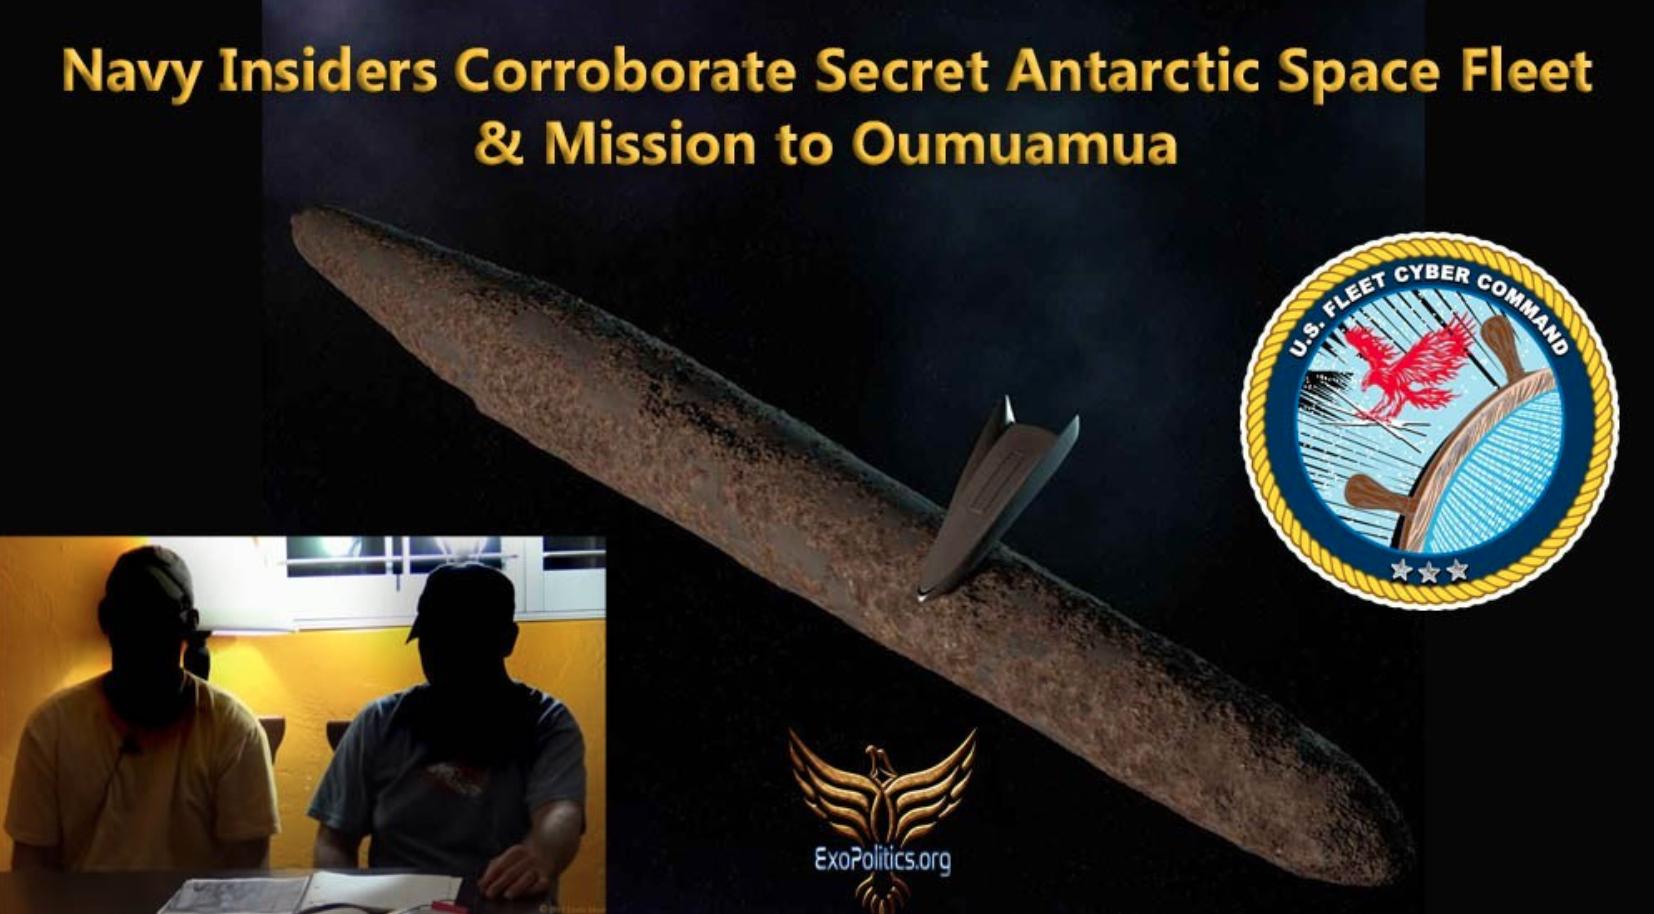 Informatorzy w Marynarce Wojennej USA potwierdzają istnienie tajnej floty kosmicznej na Antarktydzie i misję do Oumuamua.